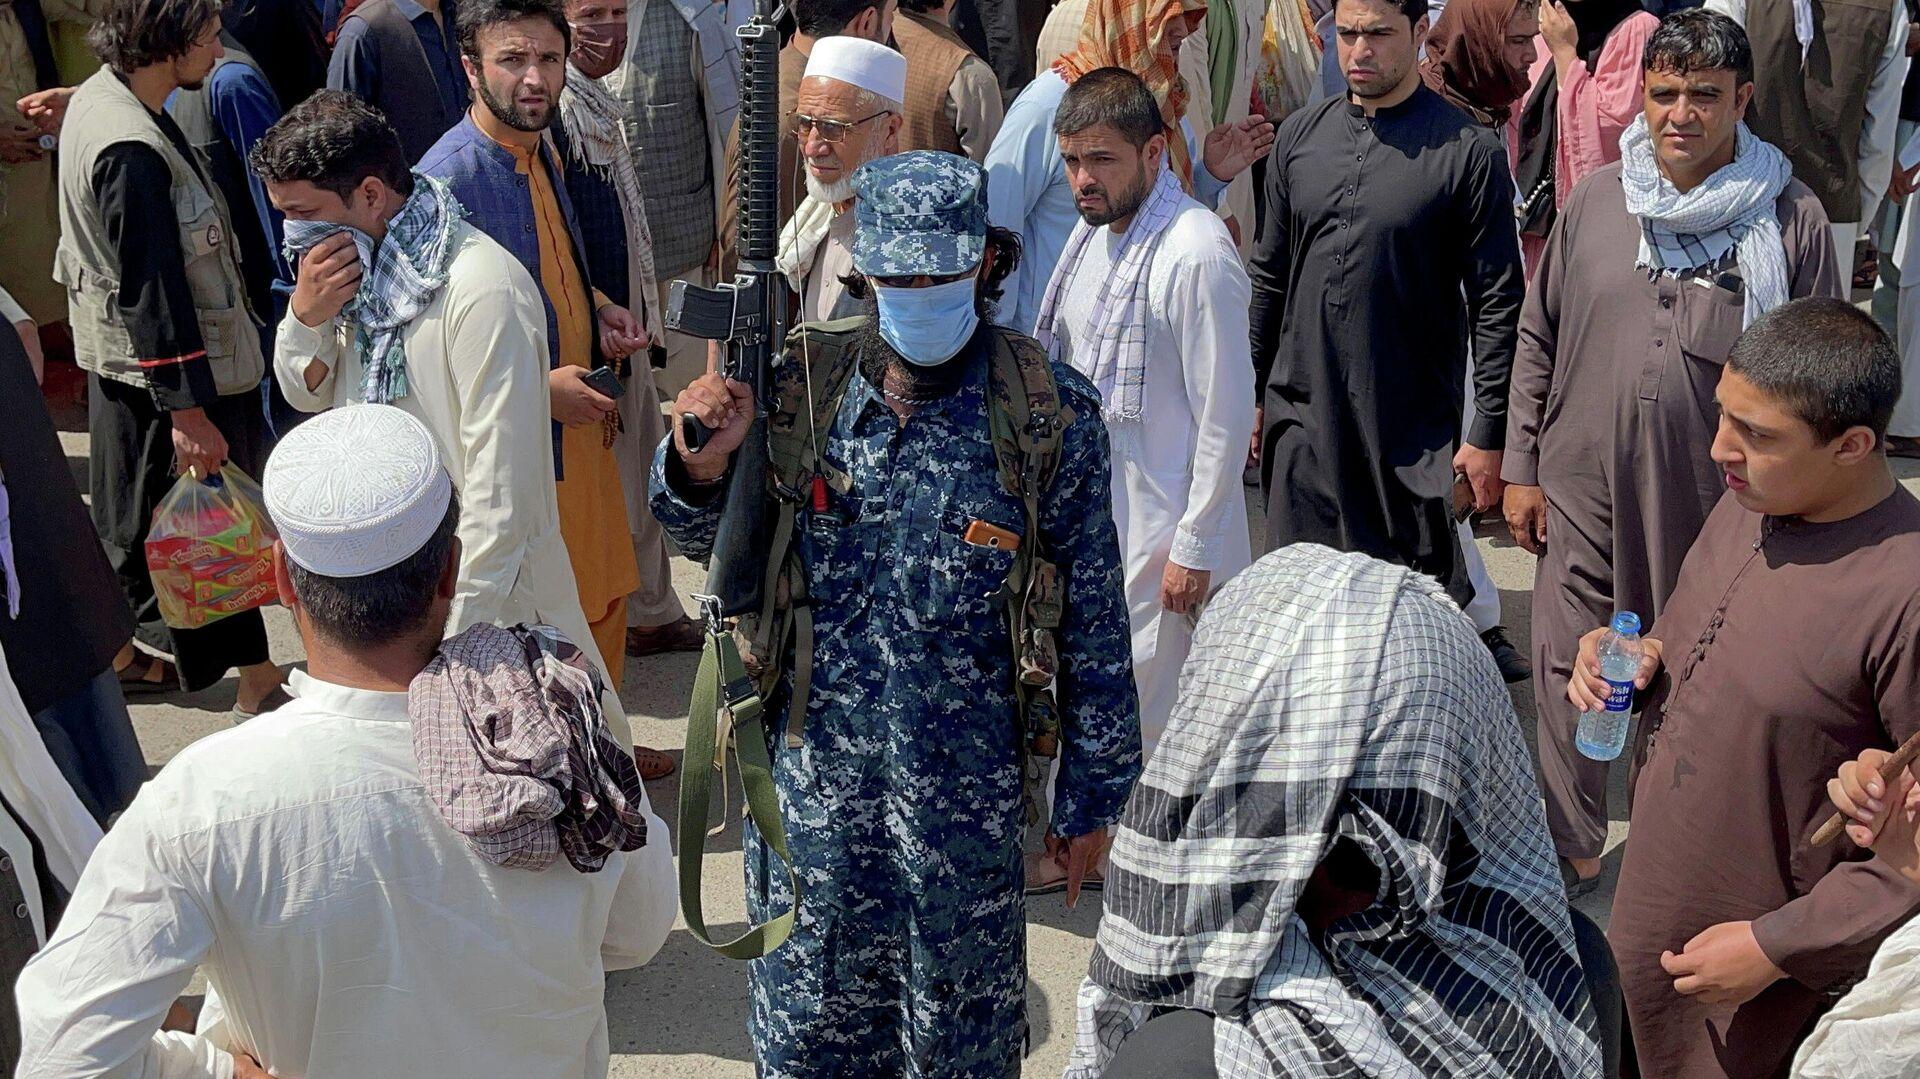 Un miembro de las fuerzas de seguridad talibanes hace la guardia en Kabul, Afganistán, 4 de septiembre de 2021 - Sputnik Mundo, 1920, 10.09.2021